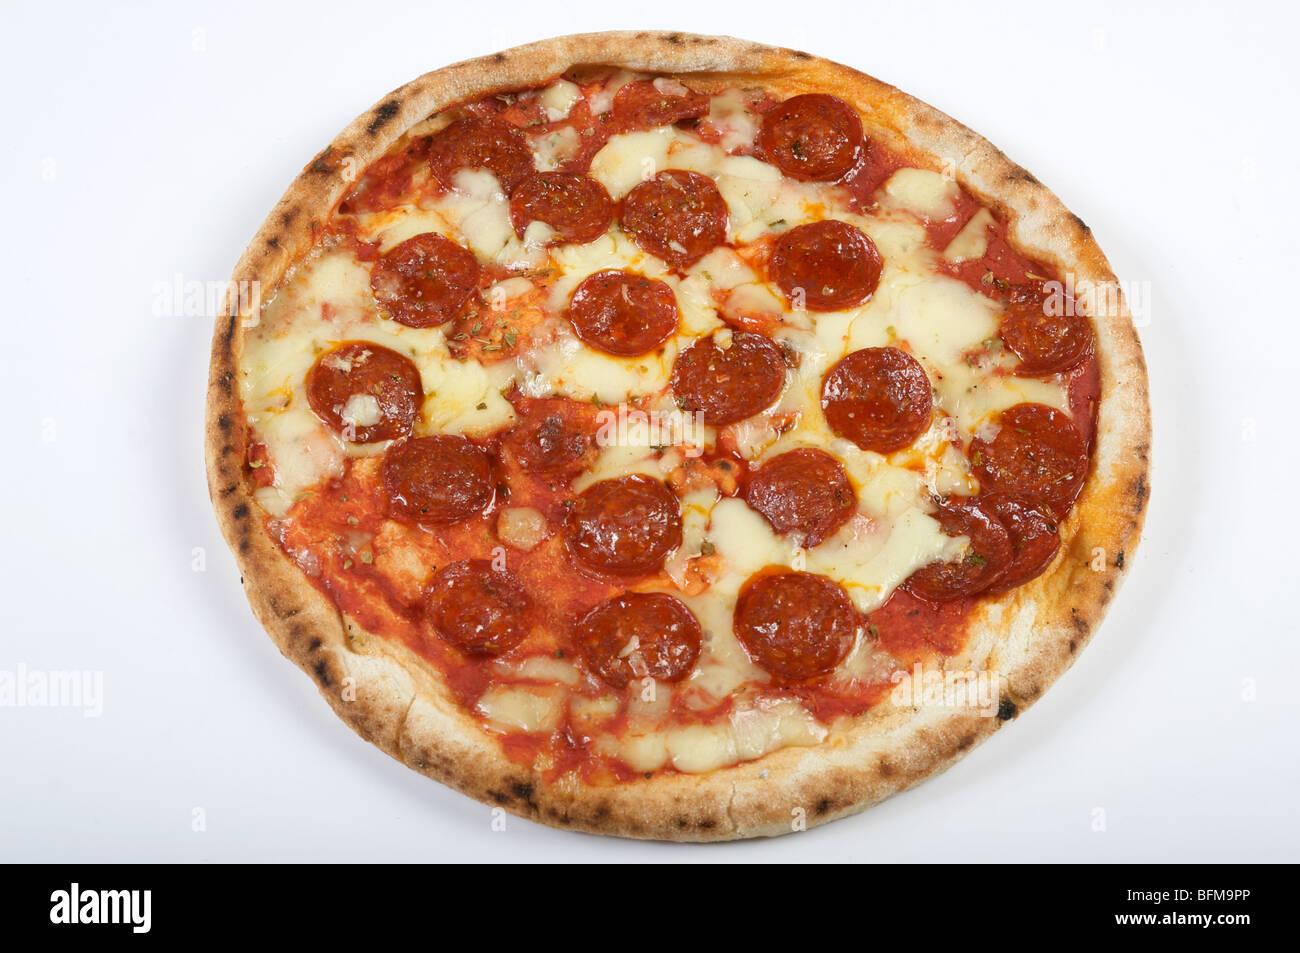 Food Pizza Express Uk Stock Photos Food Pizza Express Uk